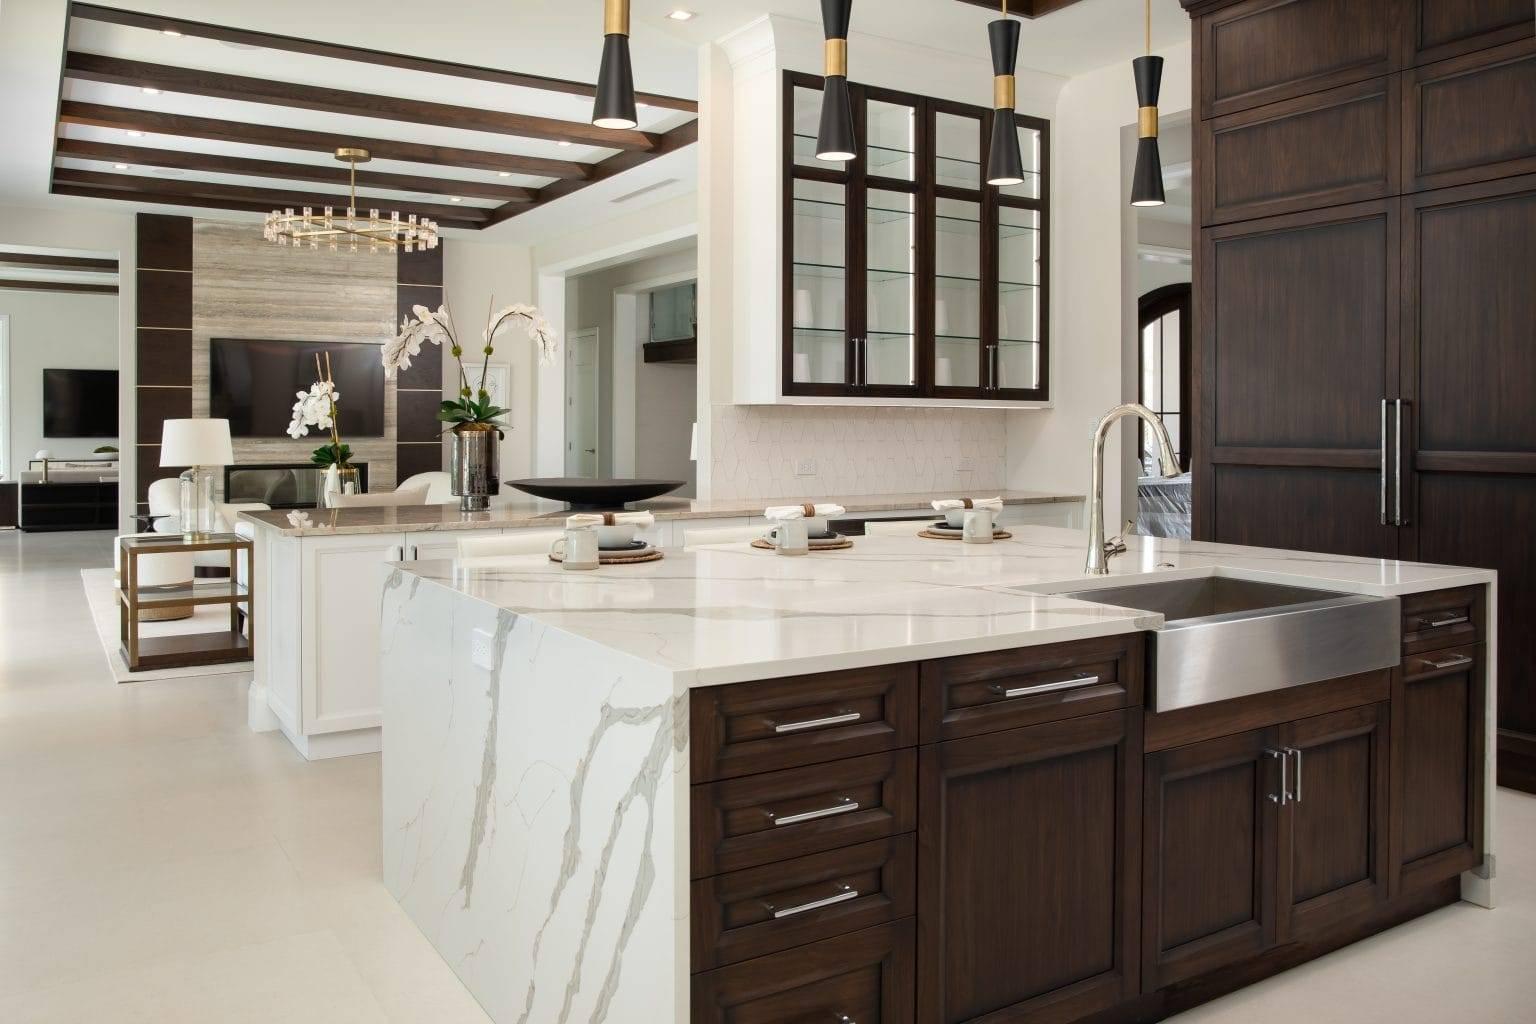 Verona Quartz Island Fire Place 1536x1024, Primestones® Granite, Quartz, Marble